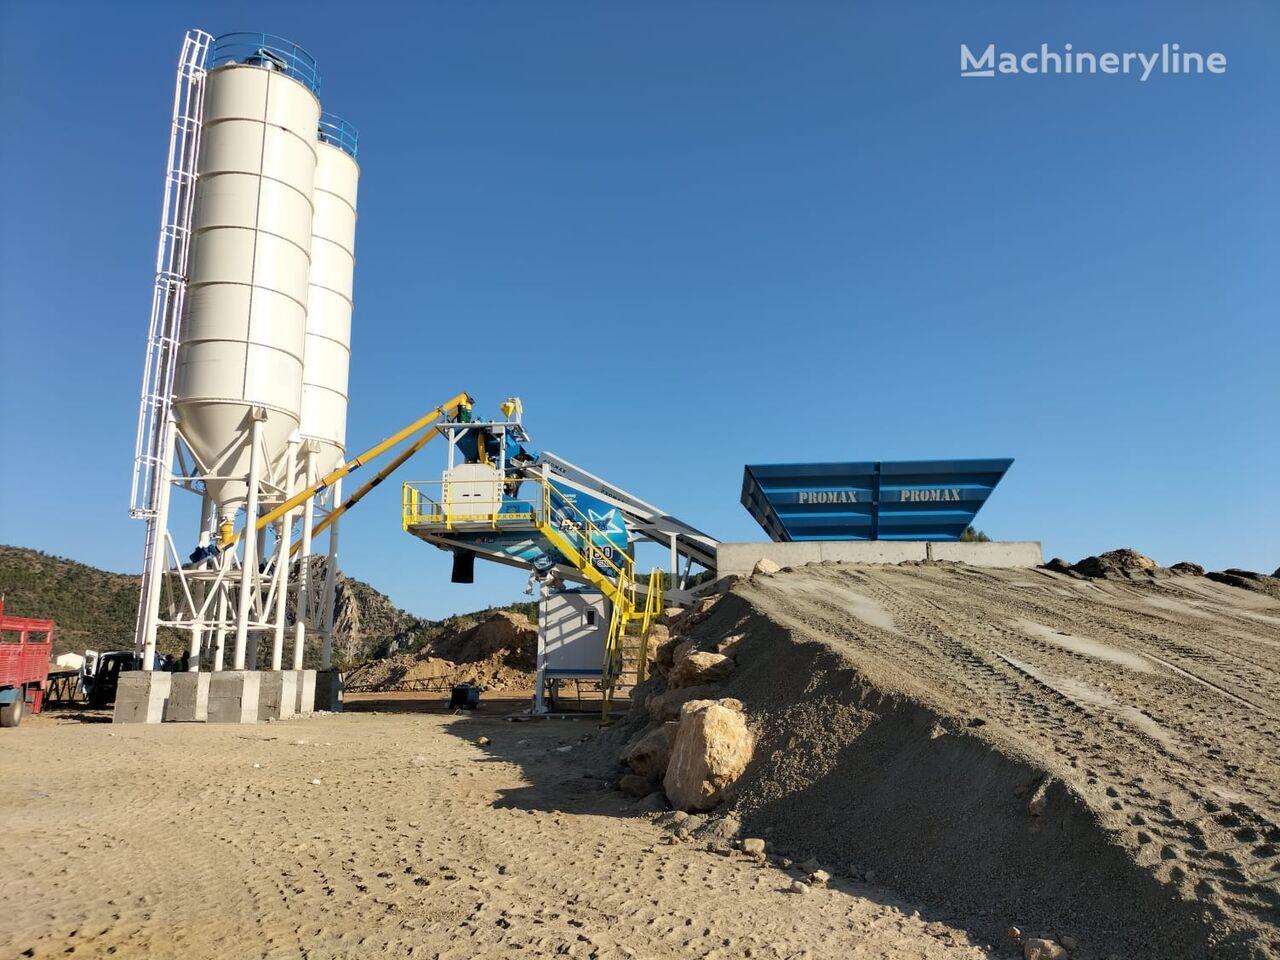 pabrik beton PROMAX Mobile Concrete Batching Plant PROMAX M60-SNG (60m3/h) baru